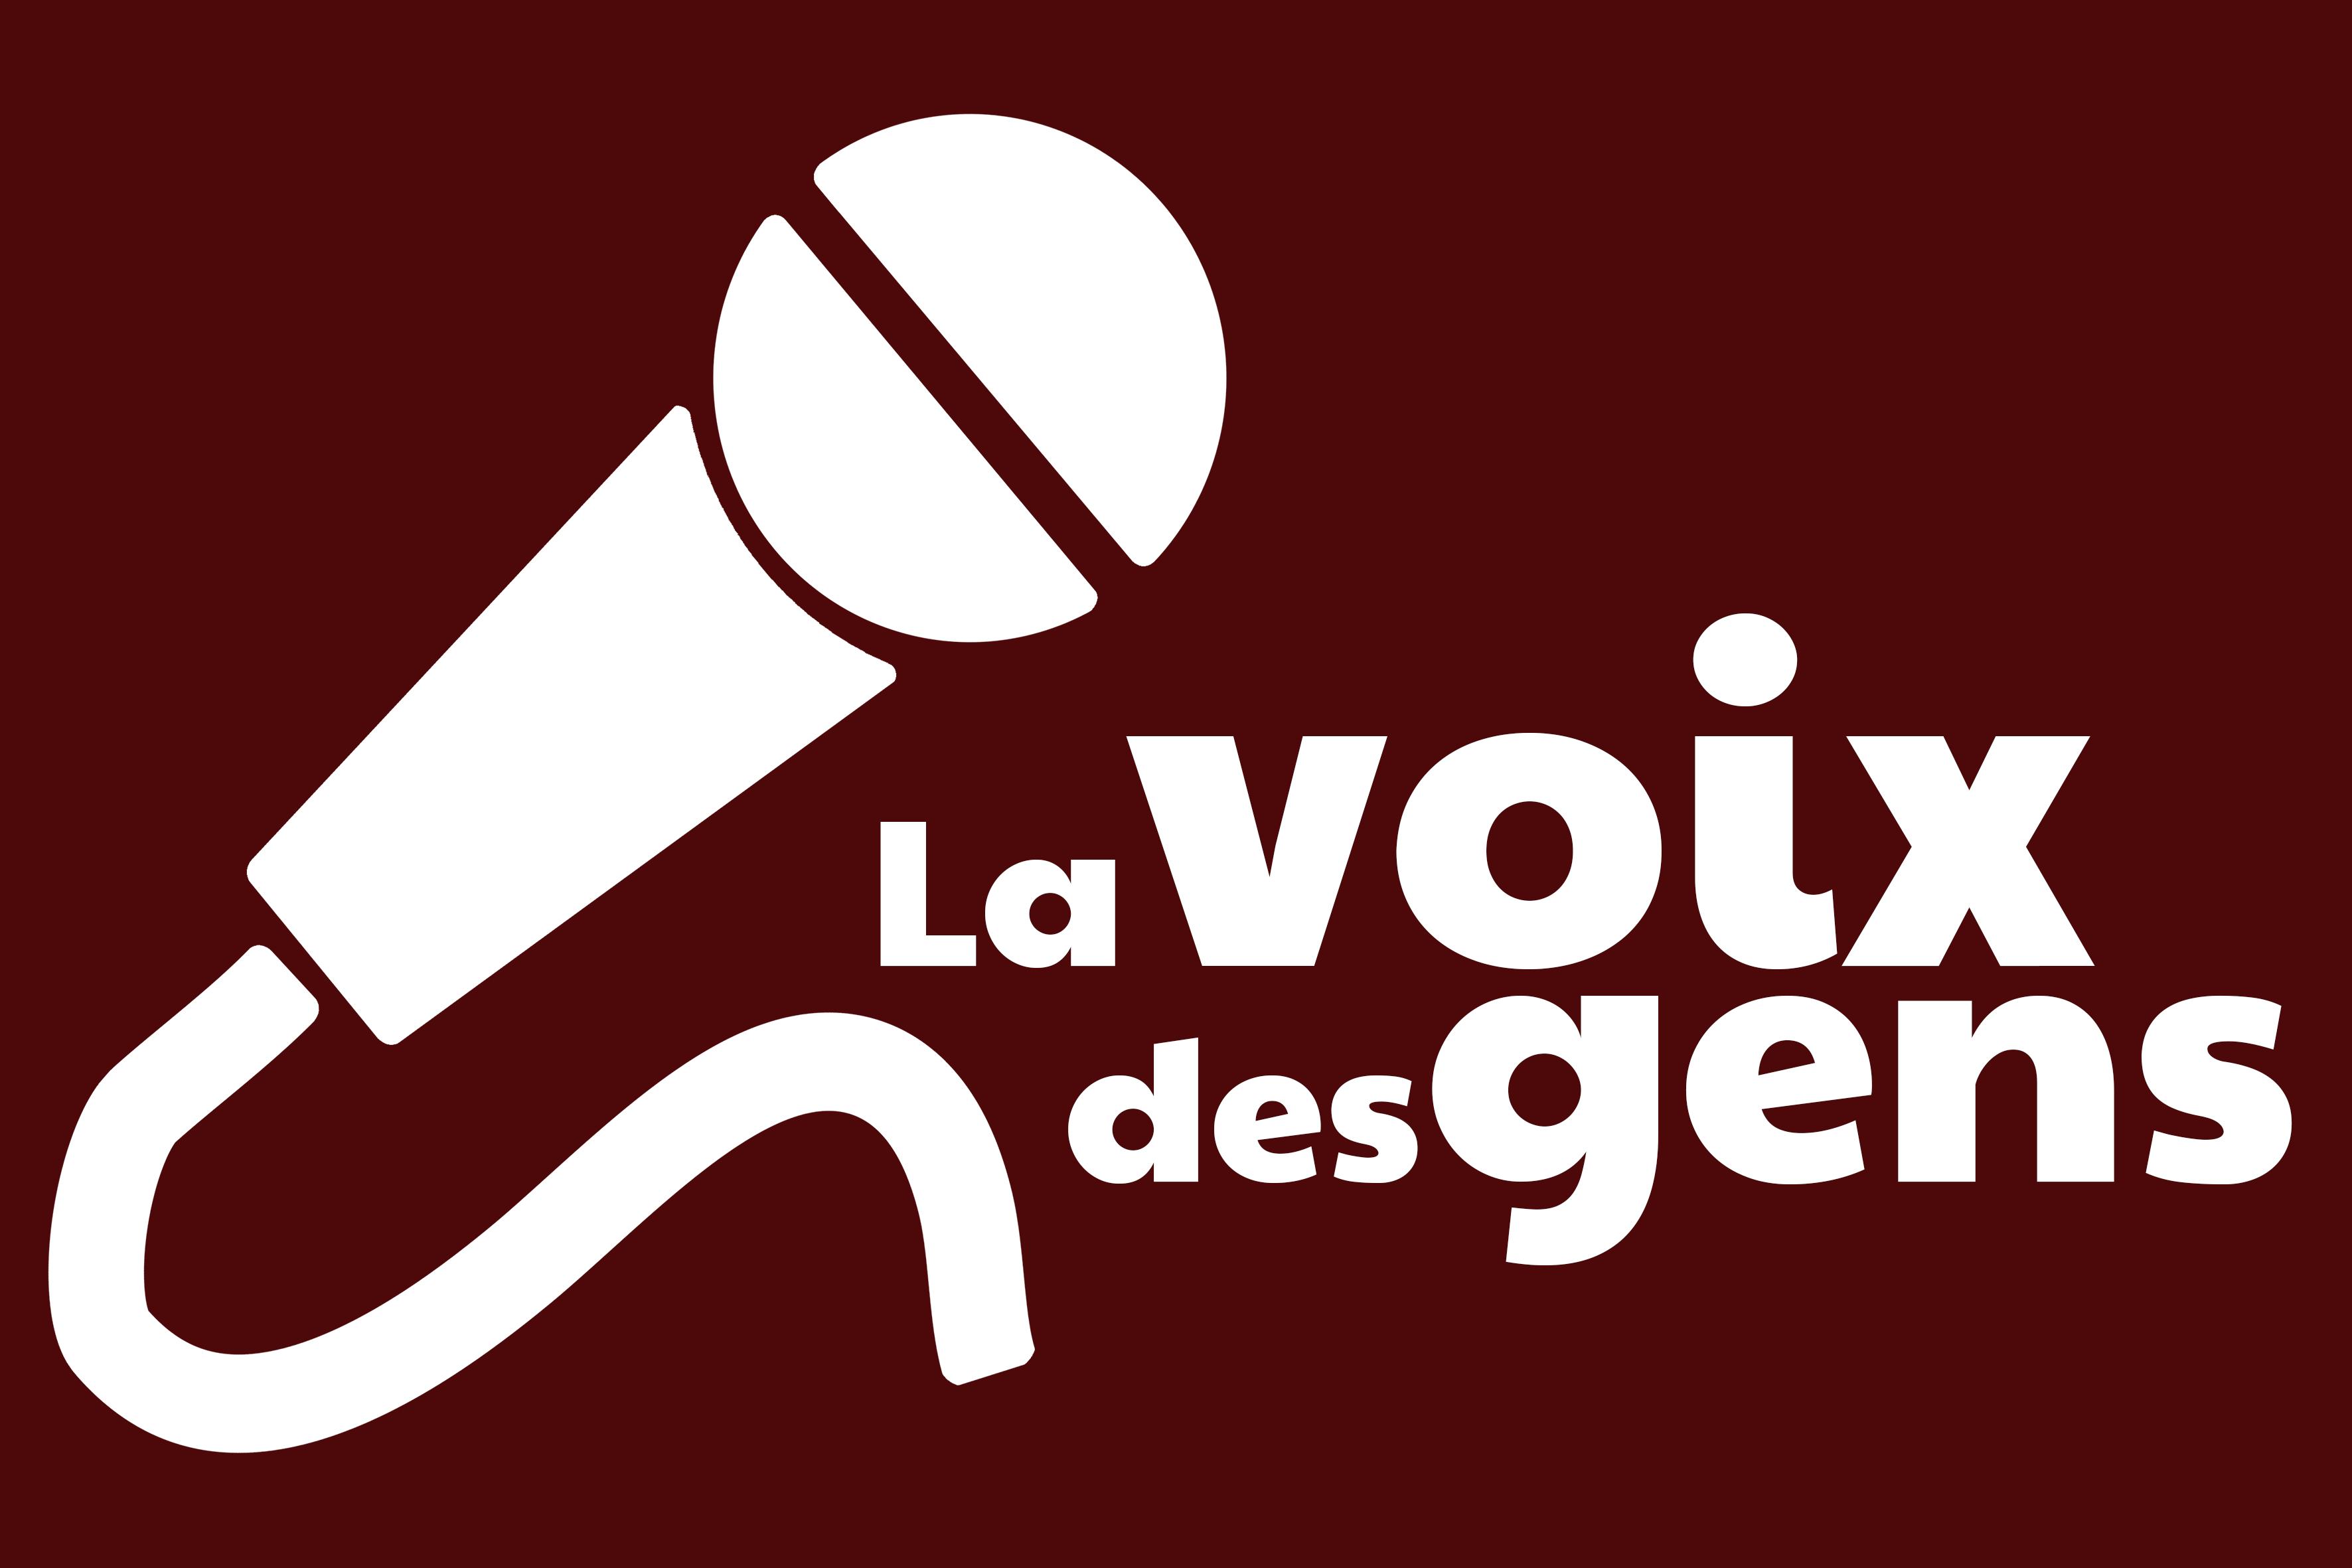 La Voix Des Gens